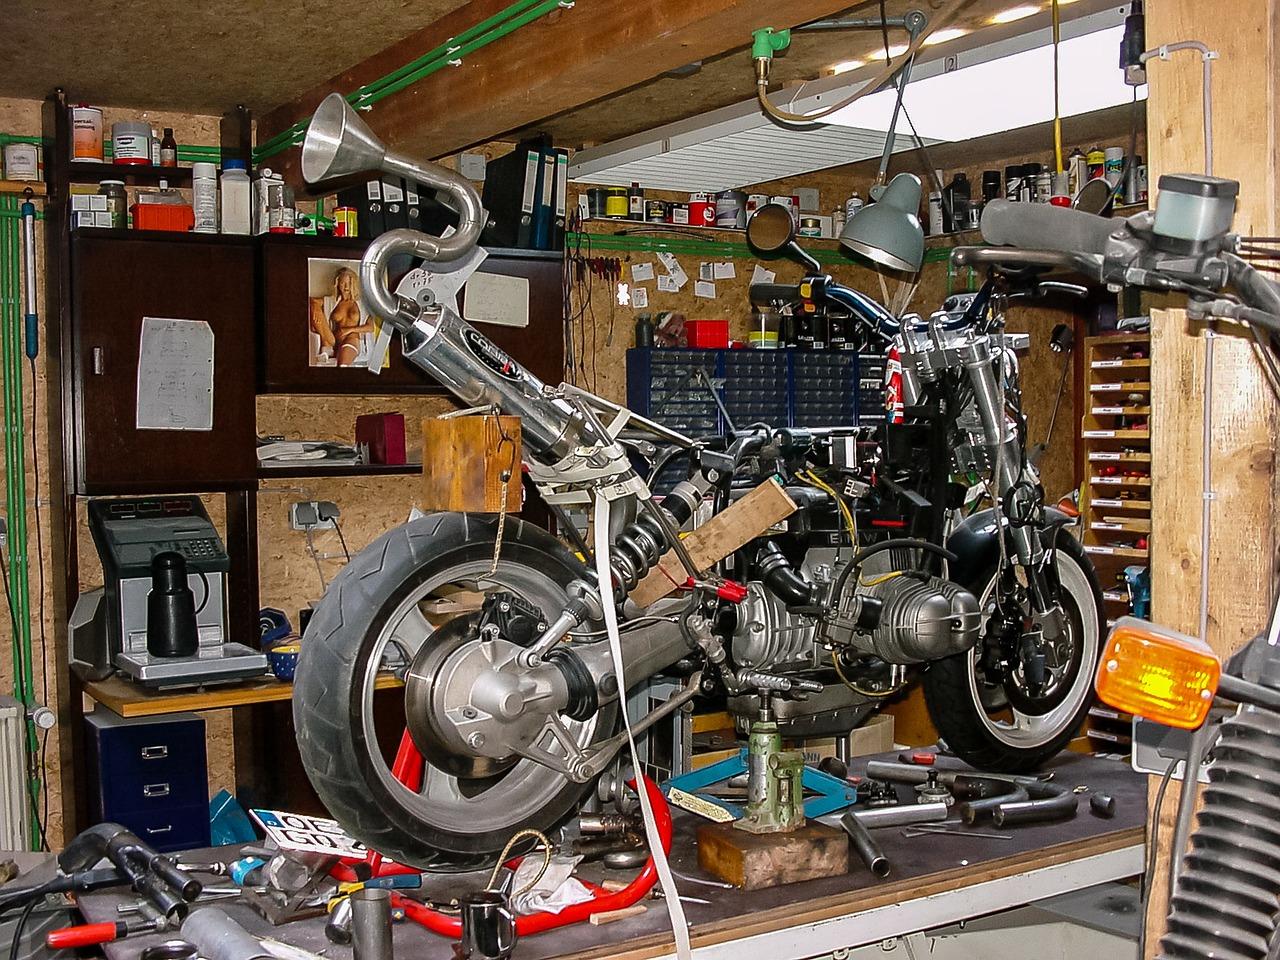 Części do motocykli: jakie są w sprzedaży?